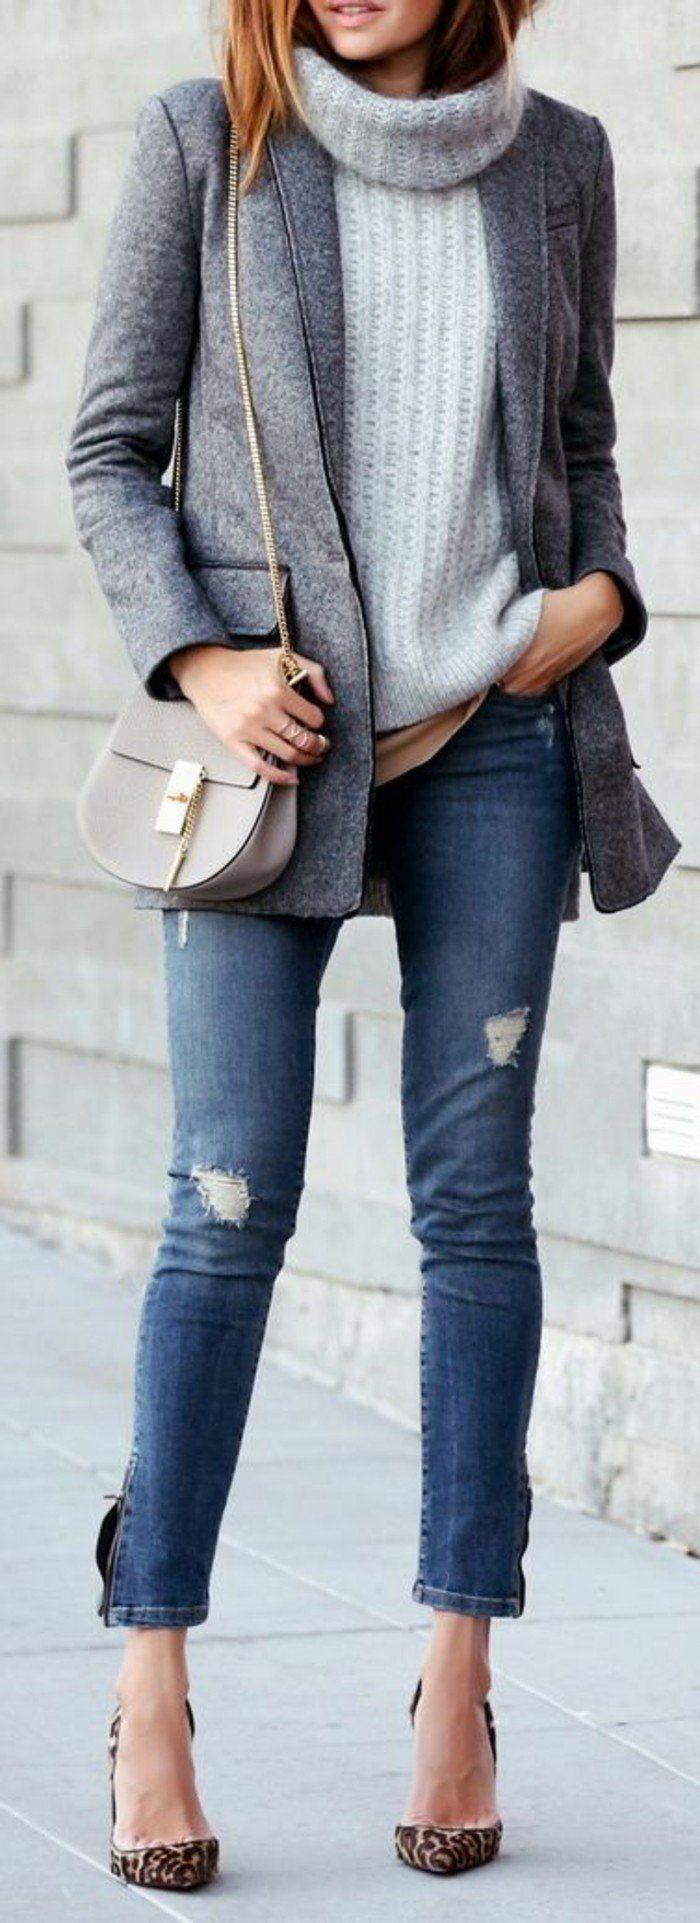 2073ae971ef1e Tendance Sac 2017  2018   élégante tenue aux couleurs neutres pull en laine  femme blazer gris et jean